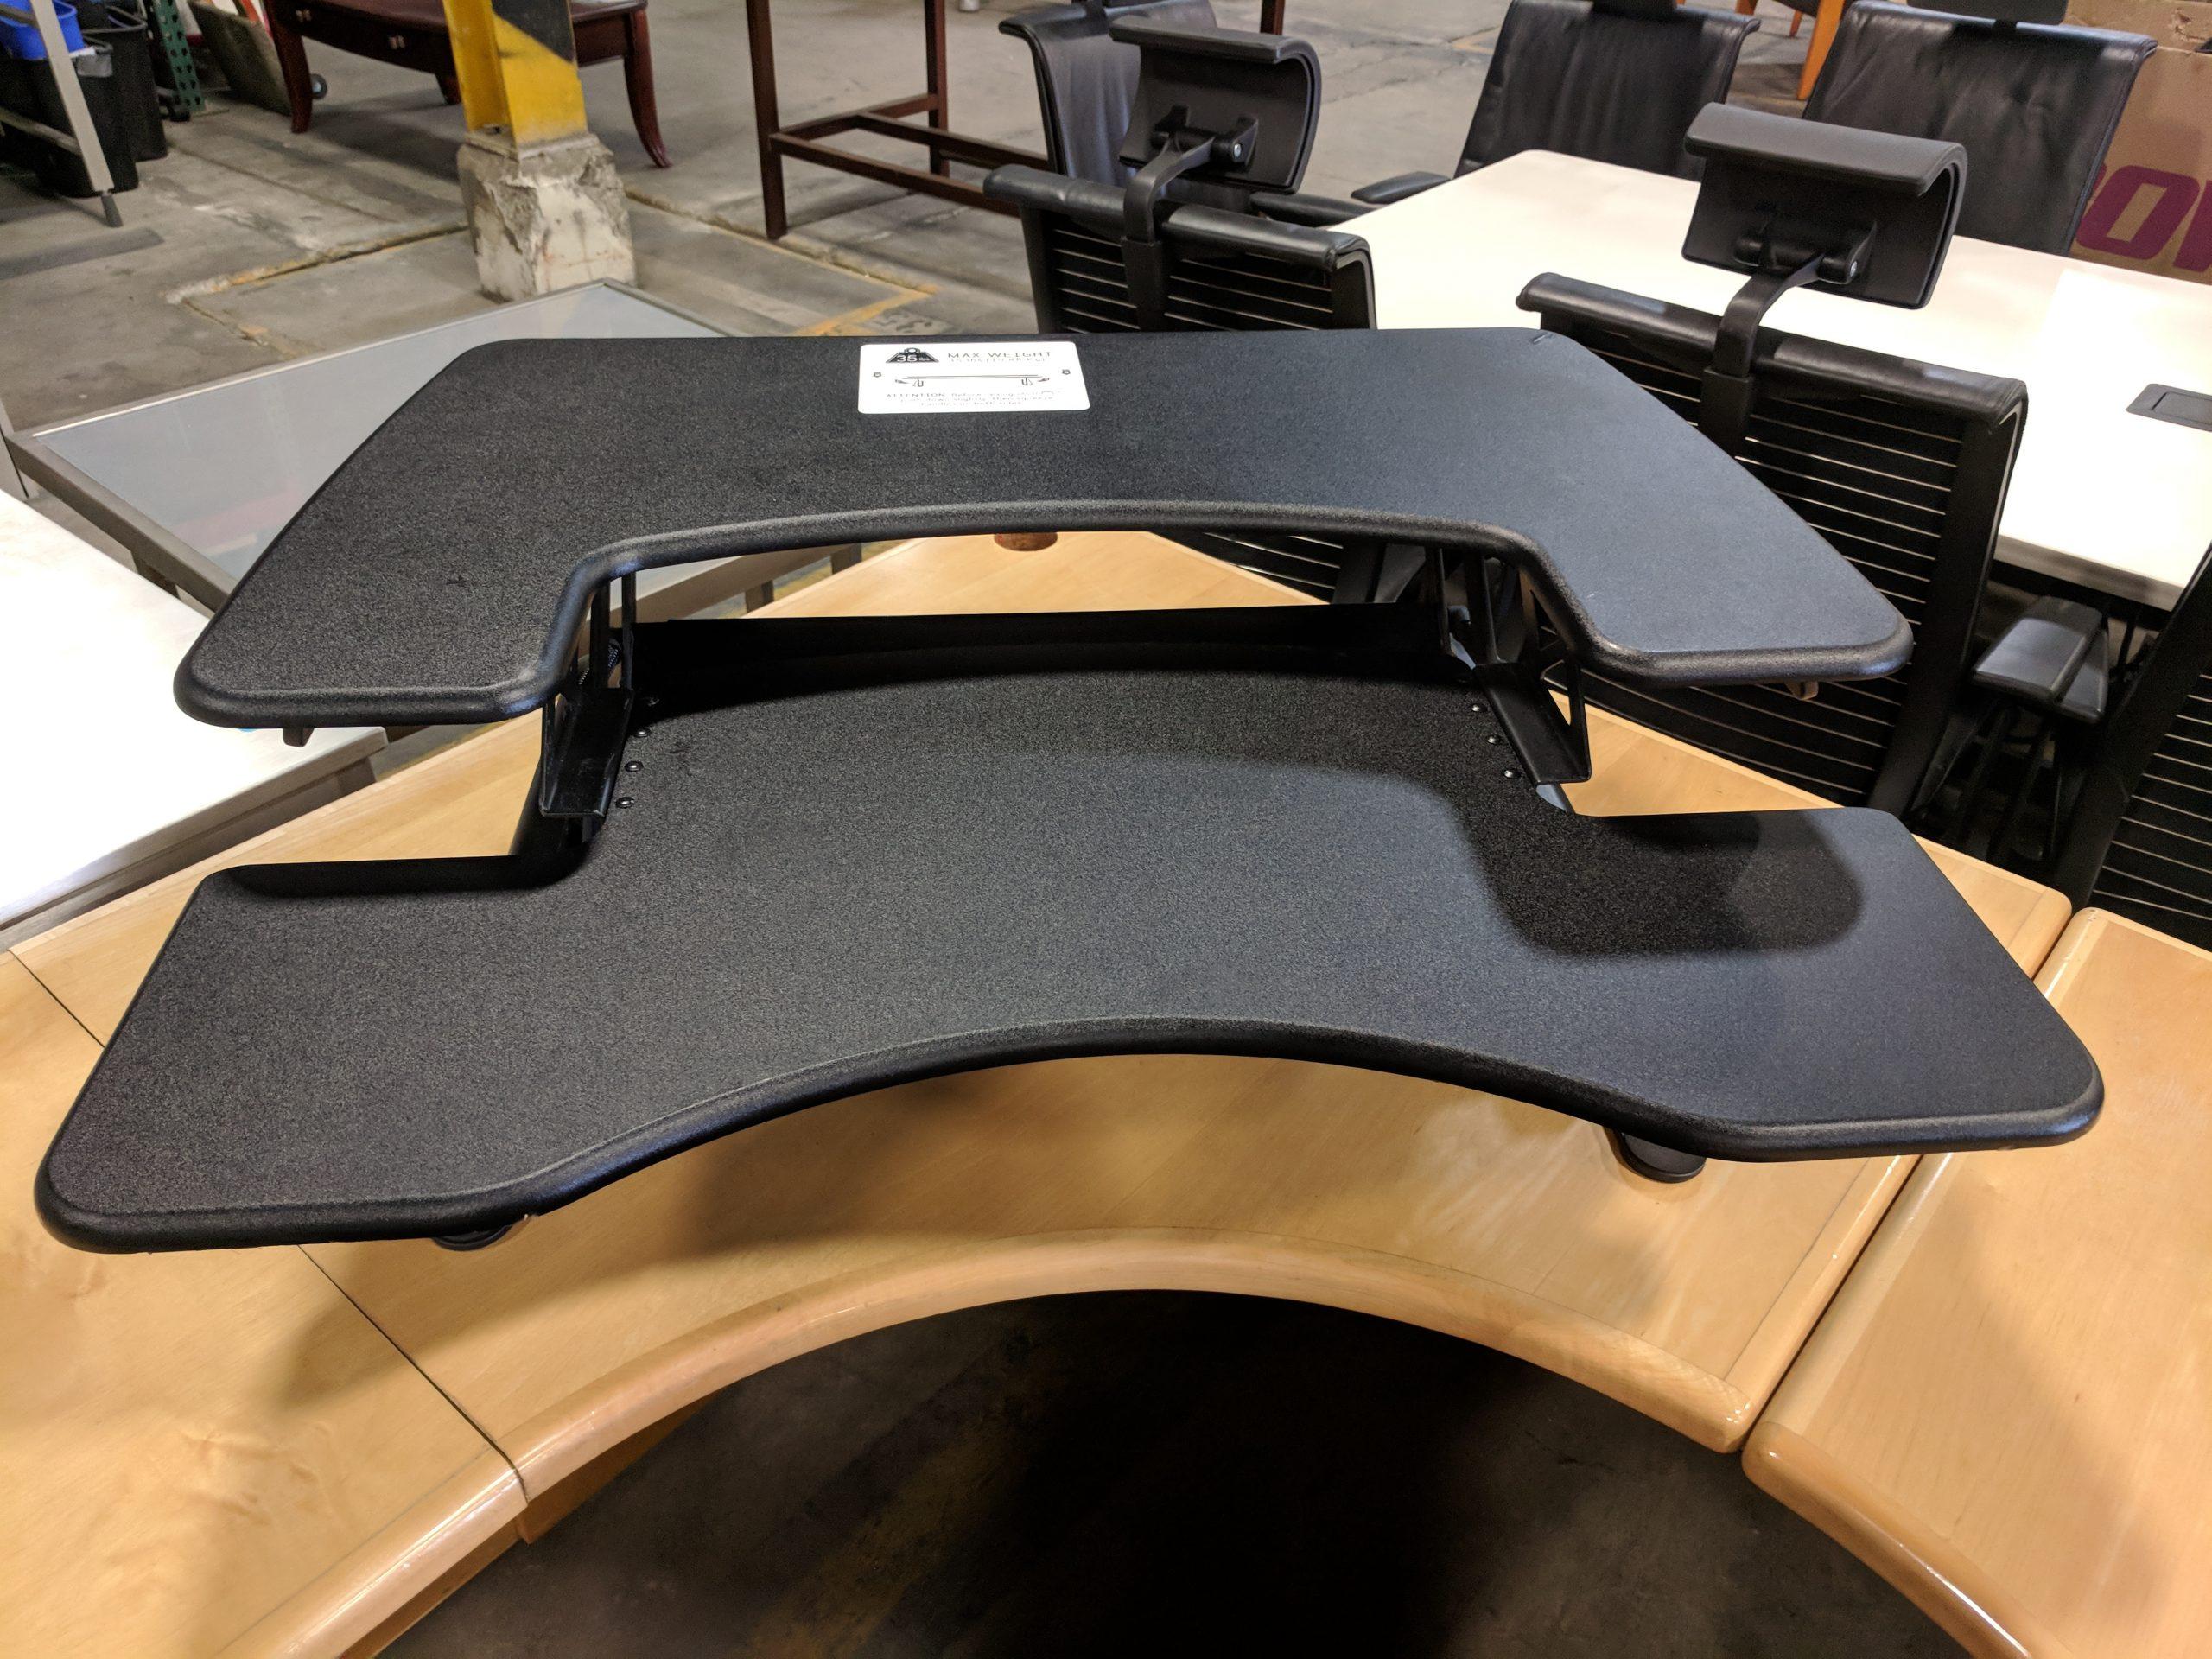 VARIDESK PRO PLUS 36 SIT-STAND DESKTOP WORKSTATION, BLACK TWO -TIER DESIGN: UPPER DISPLAY SURFAC...